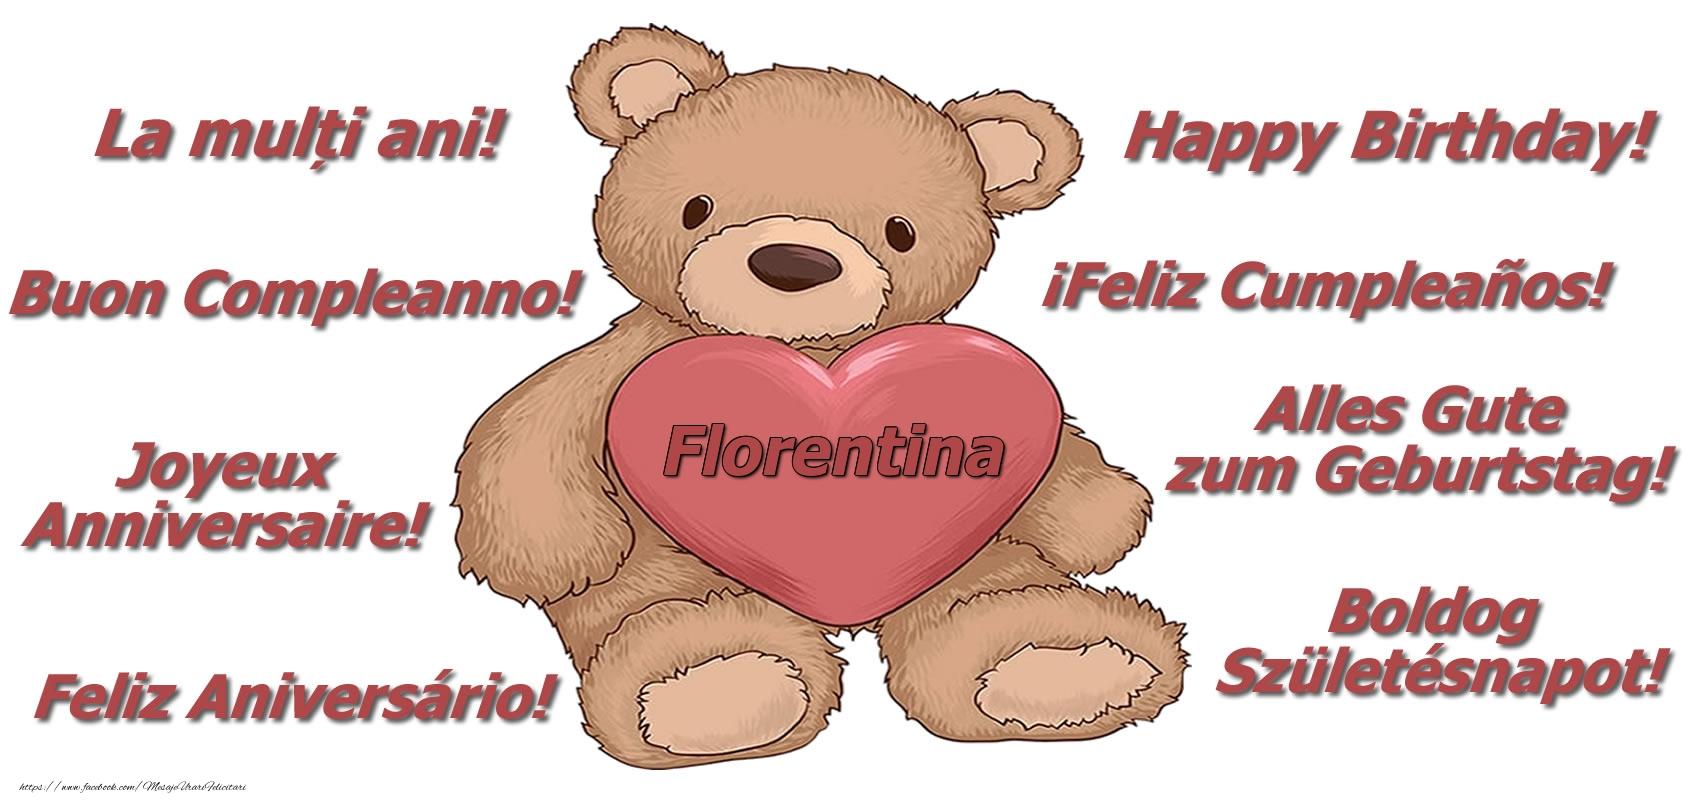 Felicitari de zi de nastere - La multi ani Florentina! - Ursulet